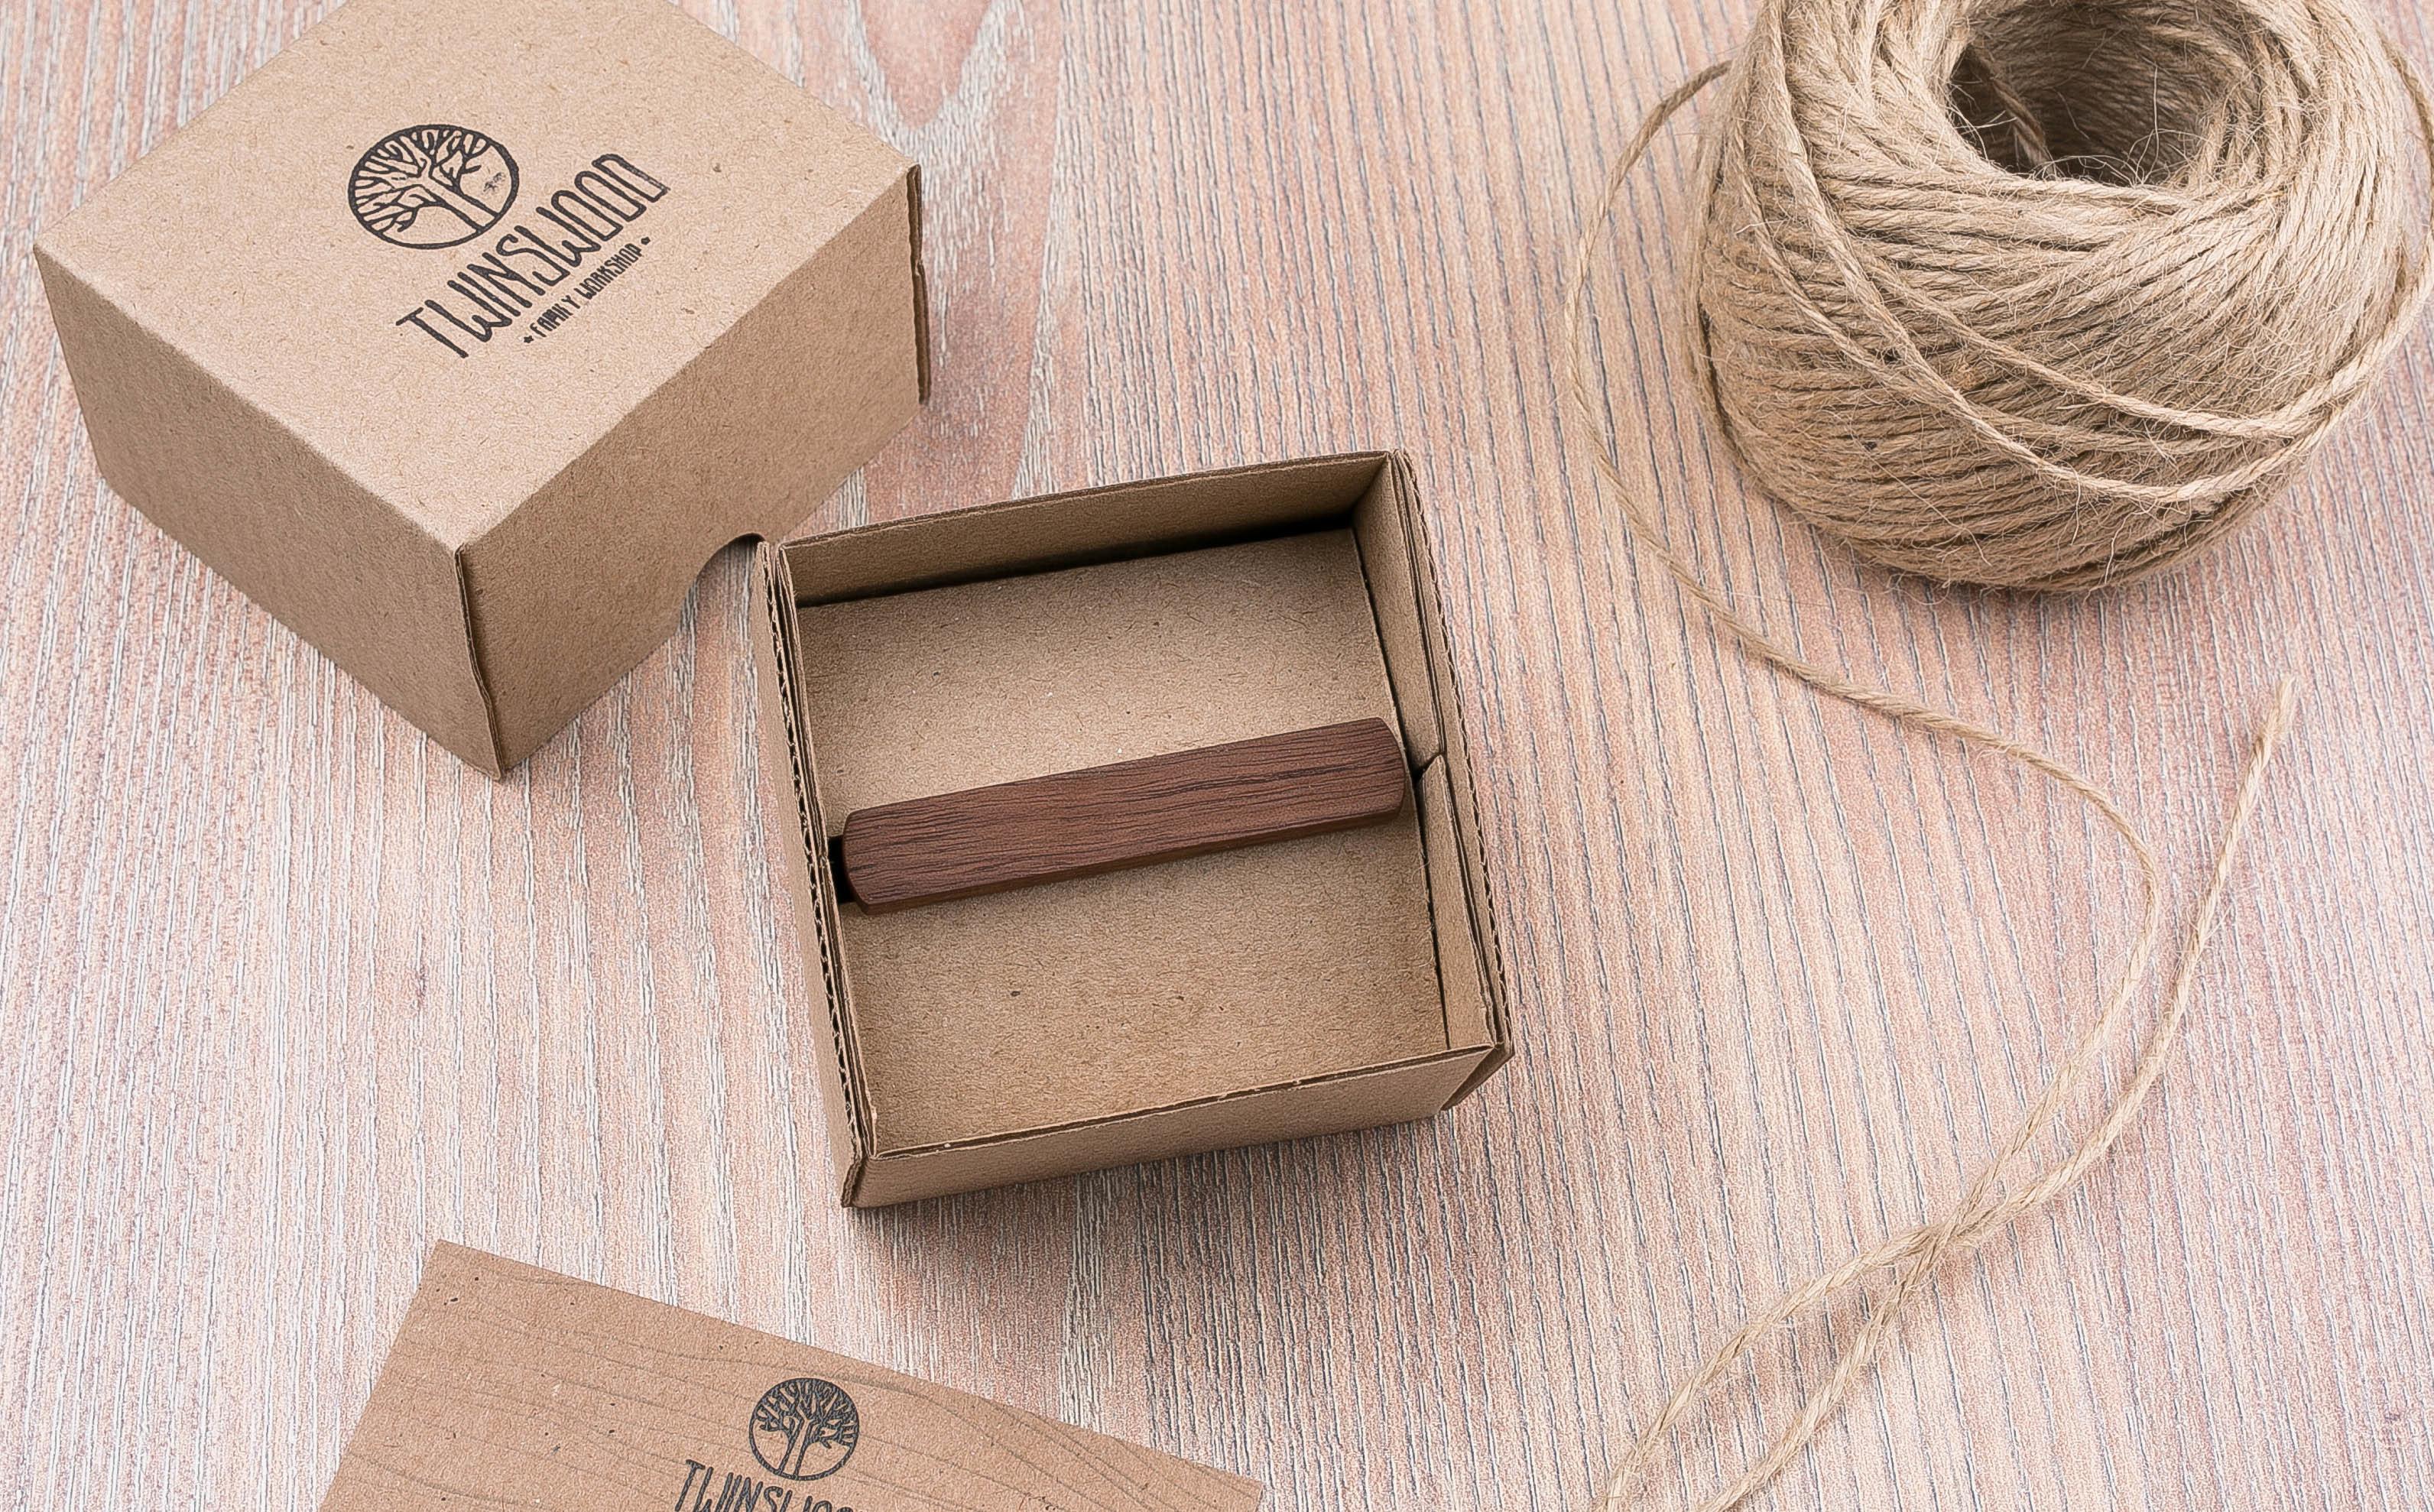 Деревянный зажим для галстука из массива ореха. Гравировка имени или инициалов. Планка для галстука. Подарок для друзей жениха. Подарок на деревянную свадьбу